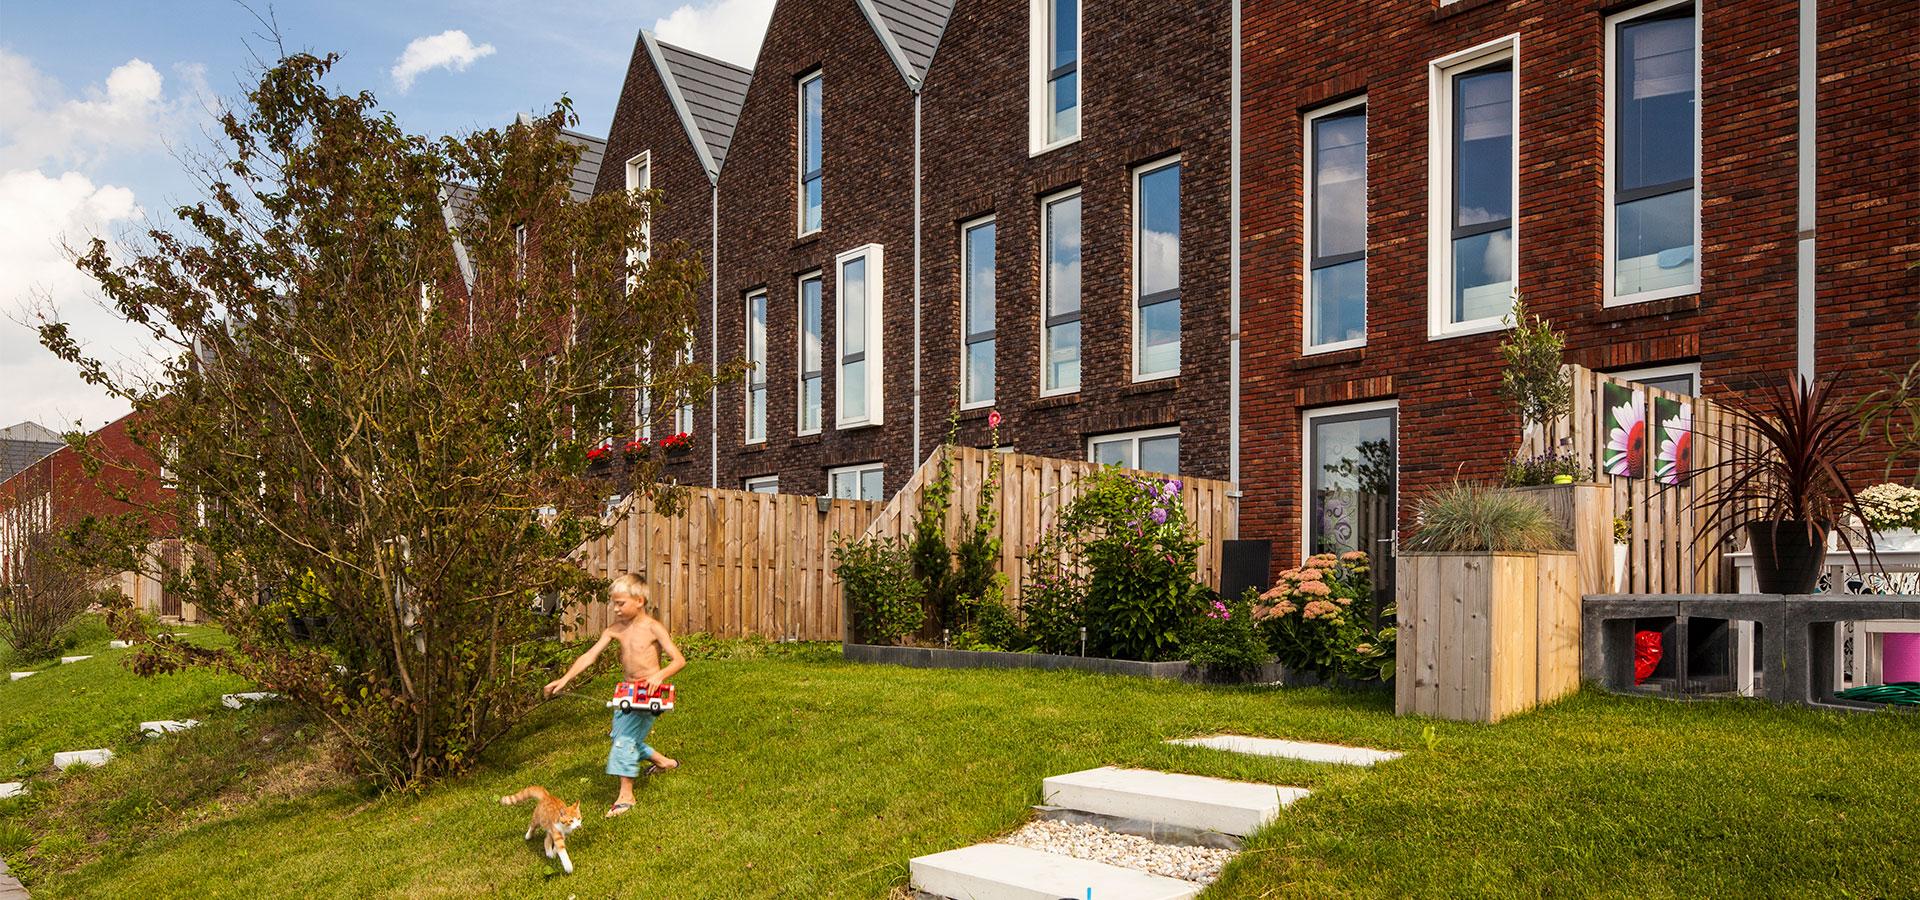 FARO architecten Harnaschpolder Delft 06